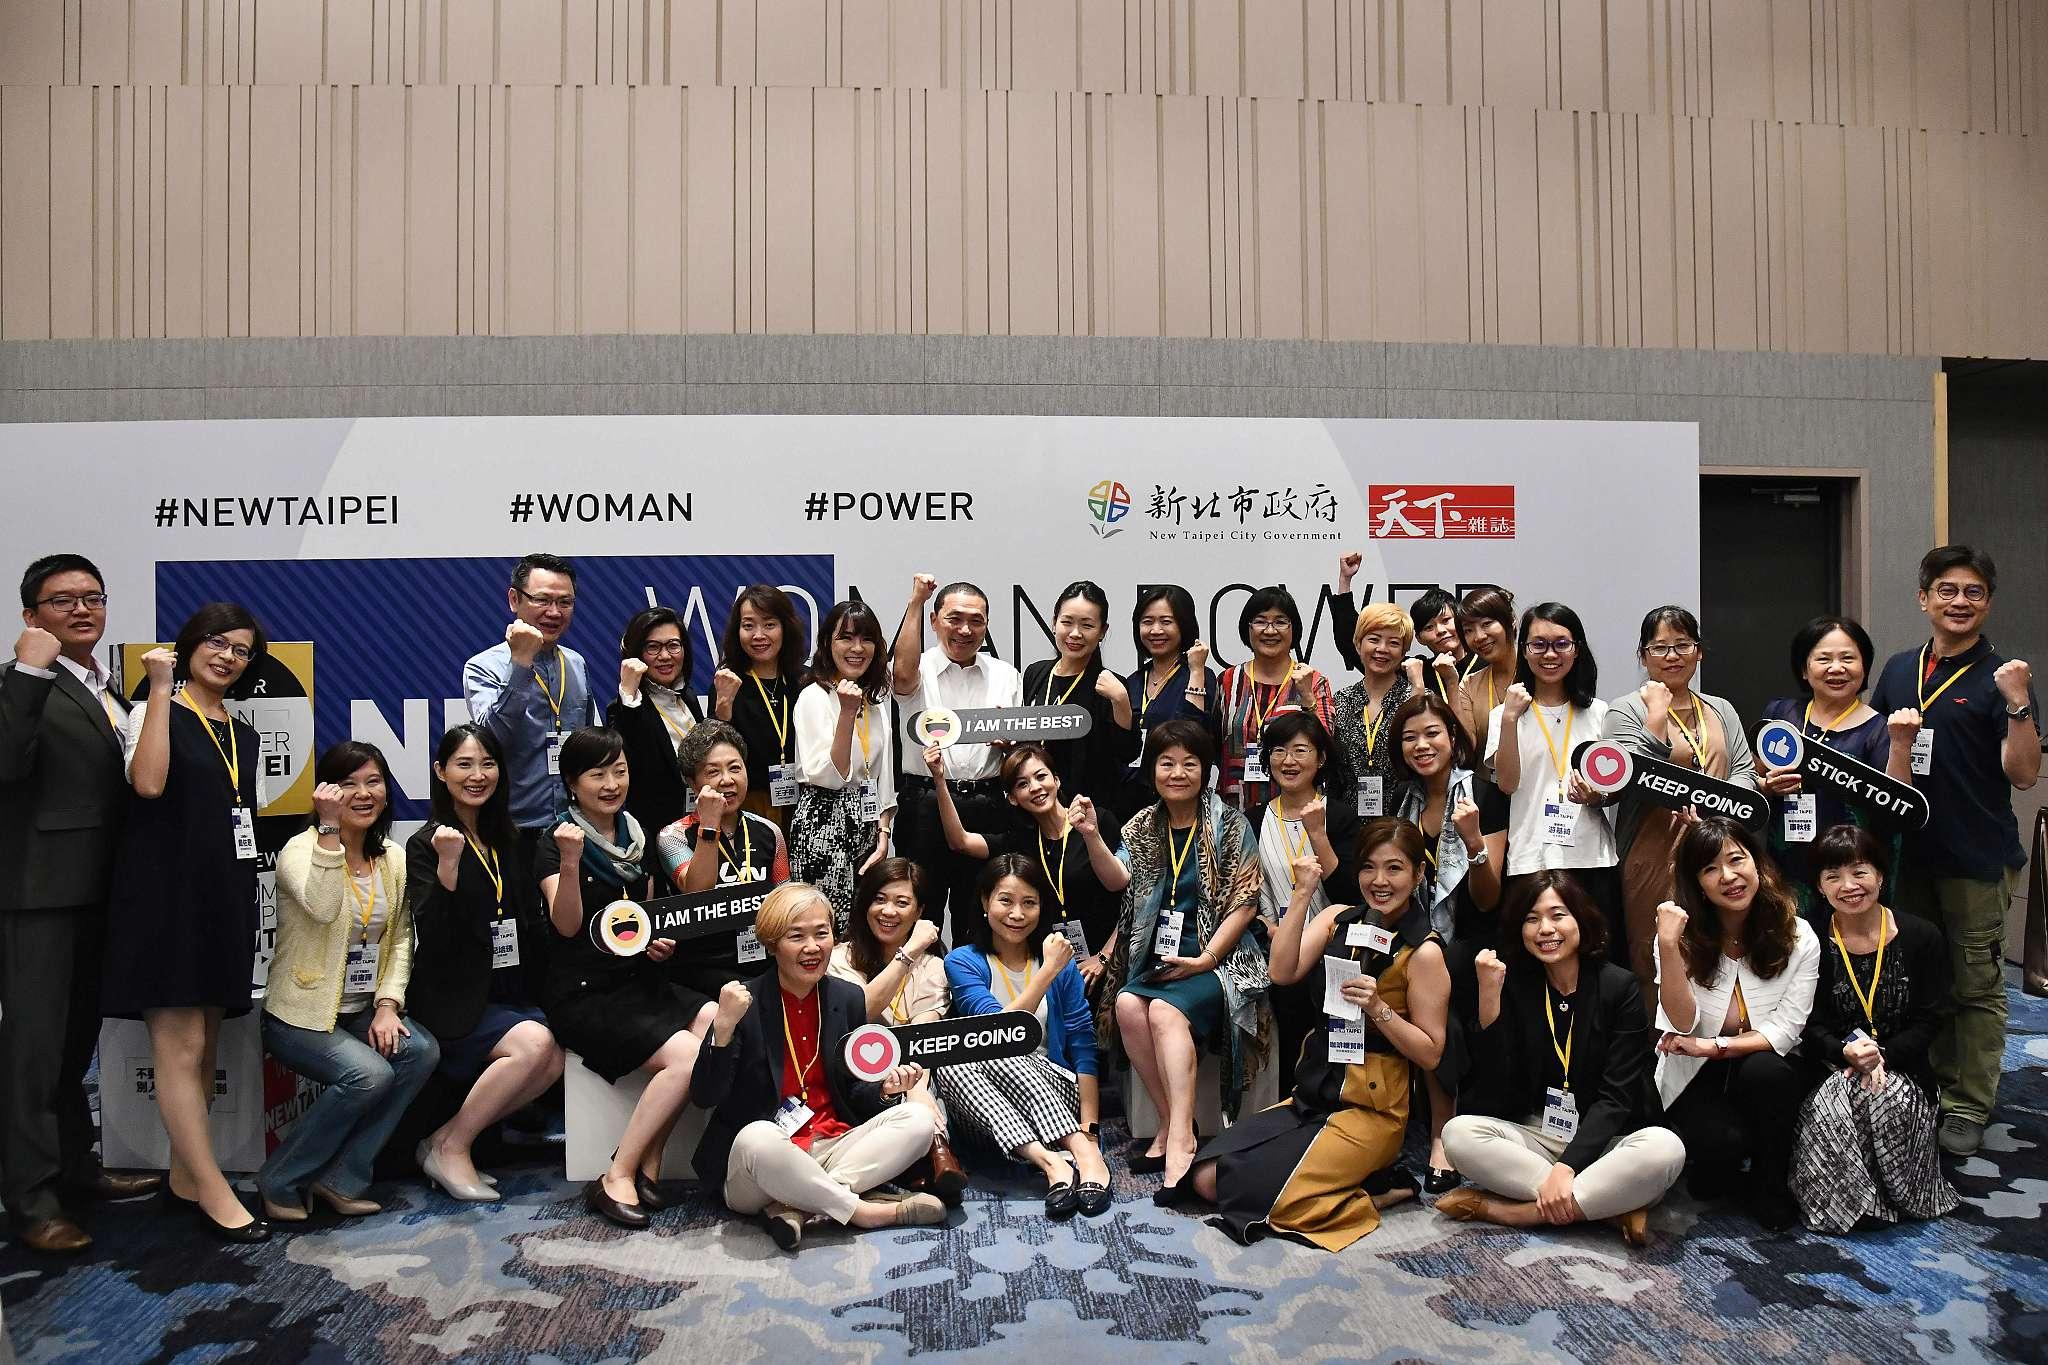 新北女力崛起 侯友宜強調女性是社會重要的潛在力量